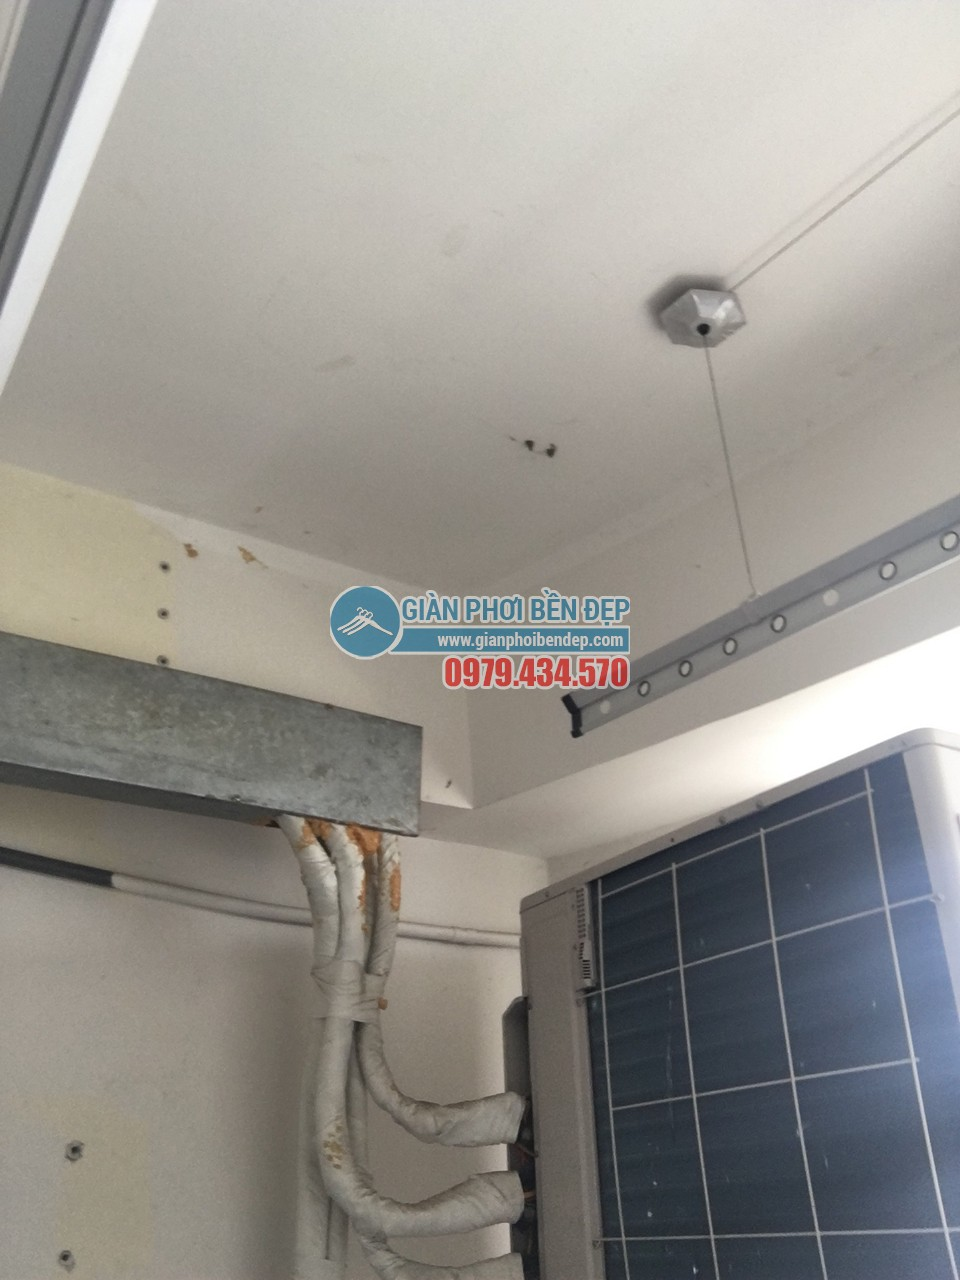 Hoàn thiện thay dây cáp giàn phơi thông minh nhà cô Liên, KĐT Nam Cường - Cổ Nhuế - 05